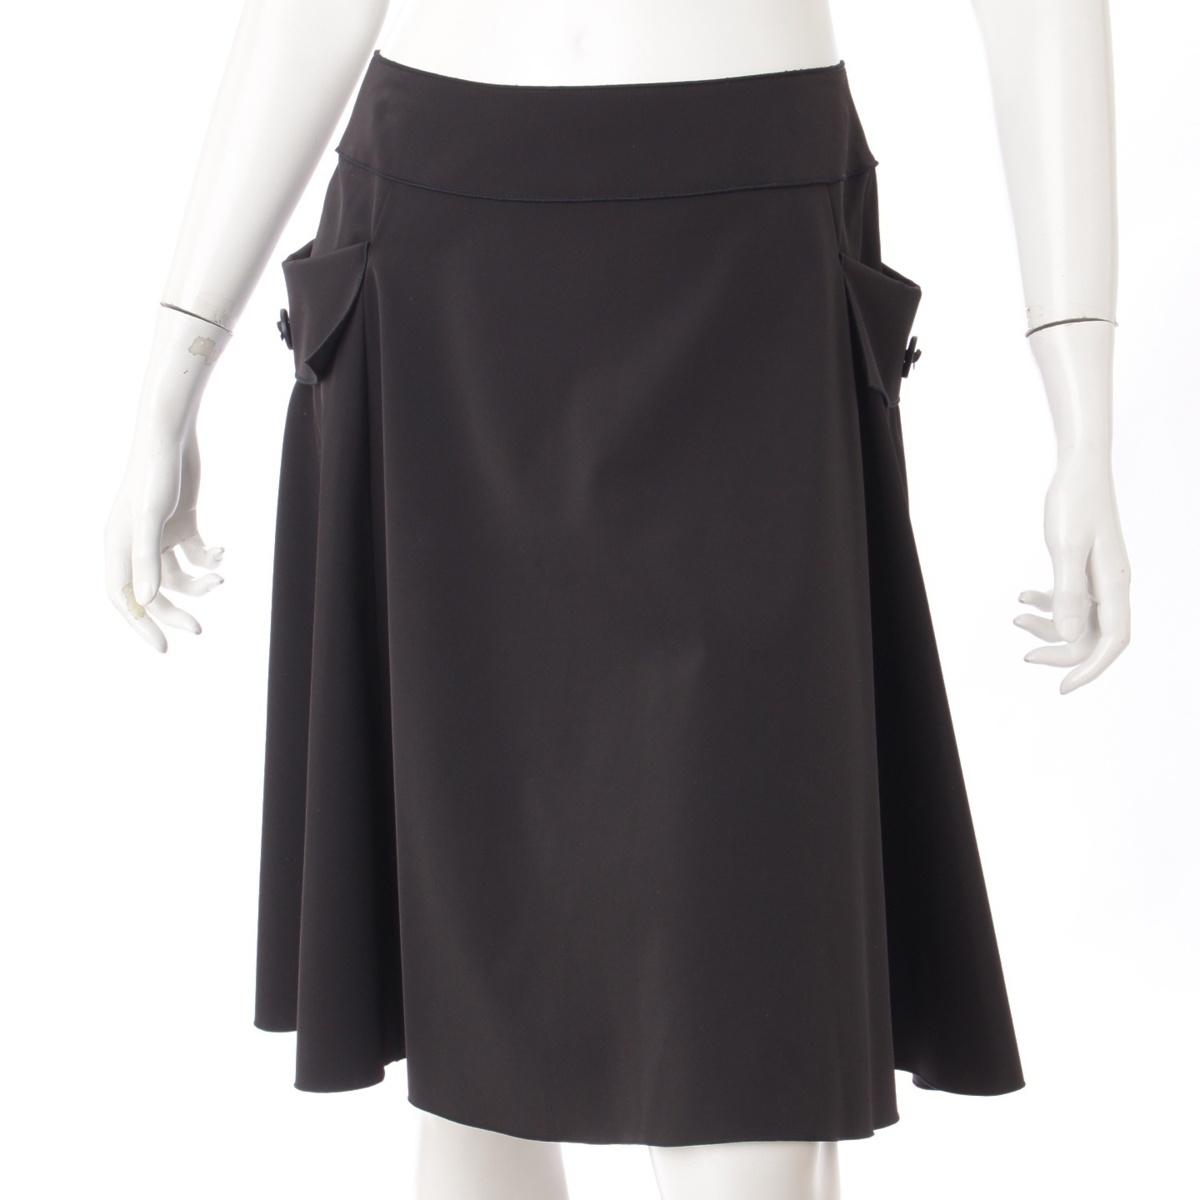 【フォクシーニューヨーク】Foxey New York ポケット付き スカート 25186 ブラック 40 【中古】【鑑定済・正規品保証】55598